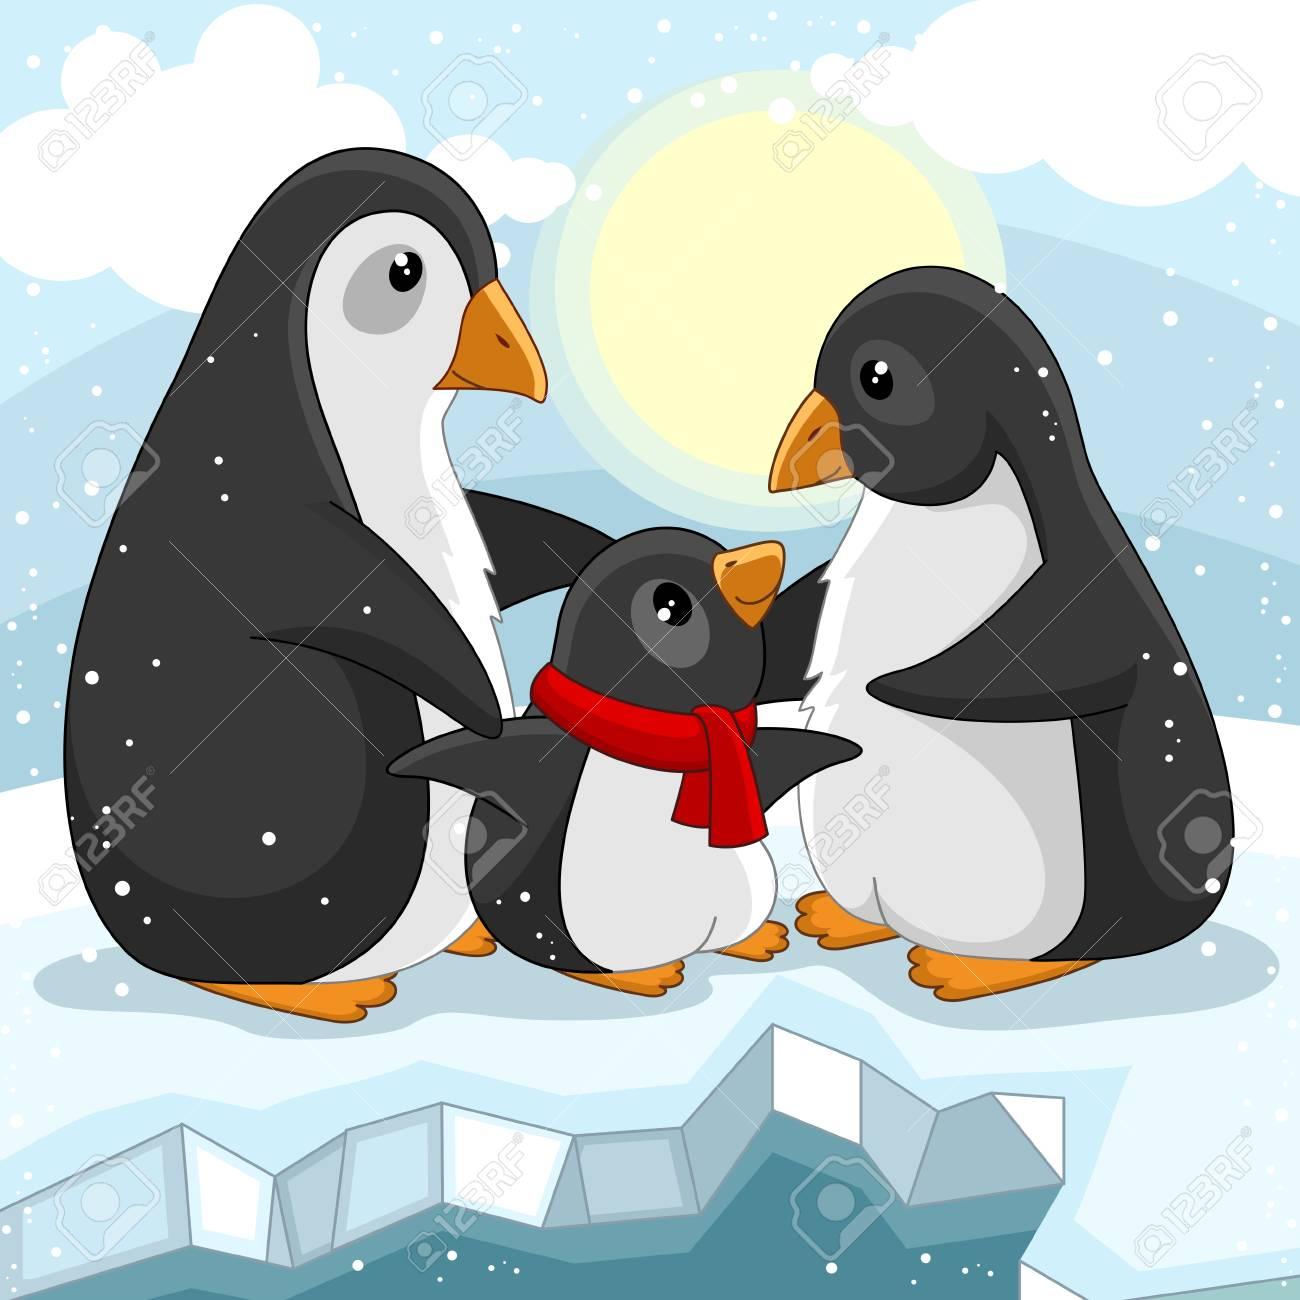 Una Foto Di Cartone Per Bambini La Famiglia Di Pinguini Che Si Amano è In Piedi Su Un Lastrone Di Ghiaccio E Intorno A Lui Nevica